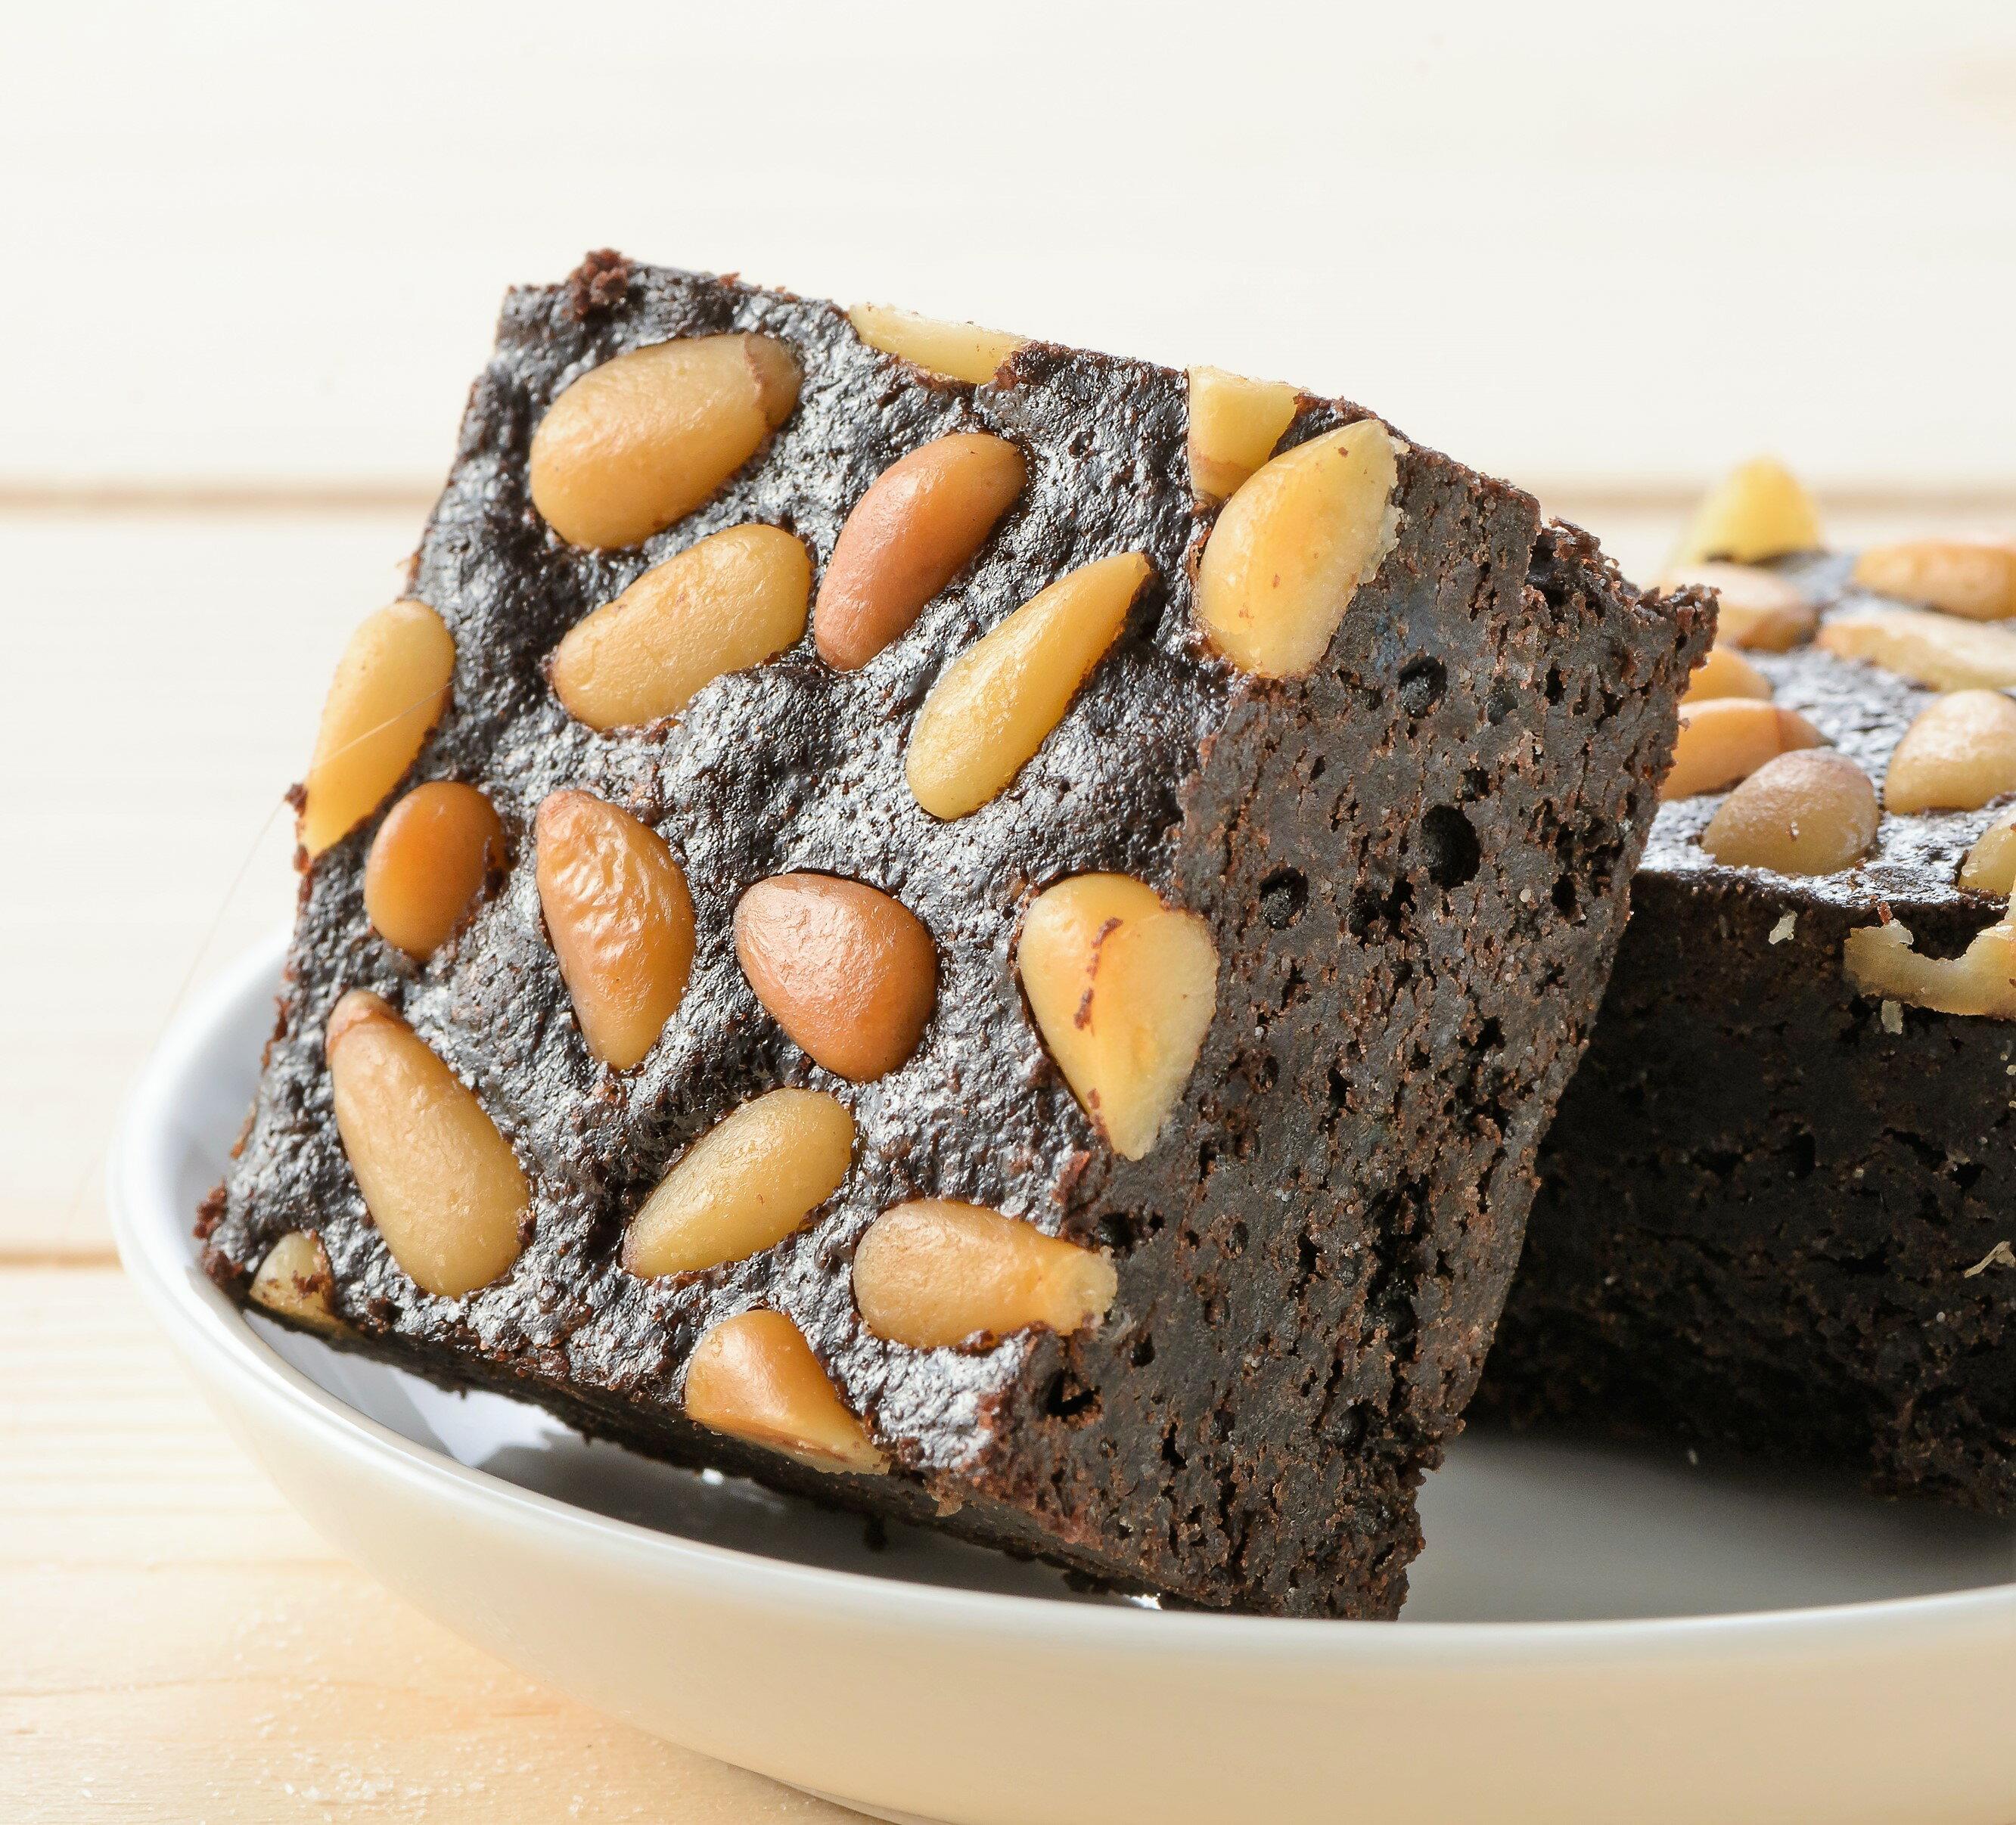 經典原味巧克力布朗尼 4入禮盒  Classic Chocolate Brownies 幸福滿滿的 欲罷不能的幸福滋味 團購 甜點 下午茶 禮盒 蛋糕